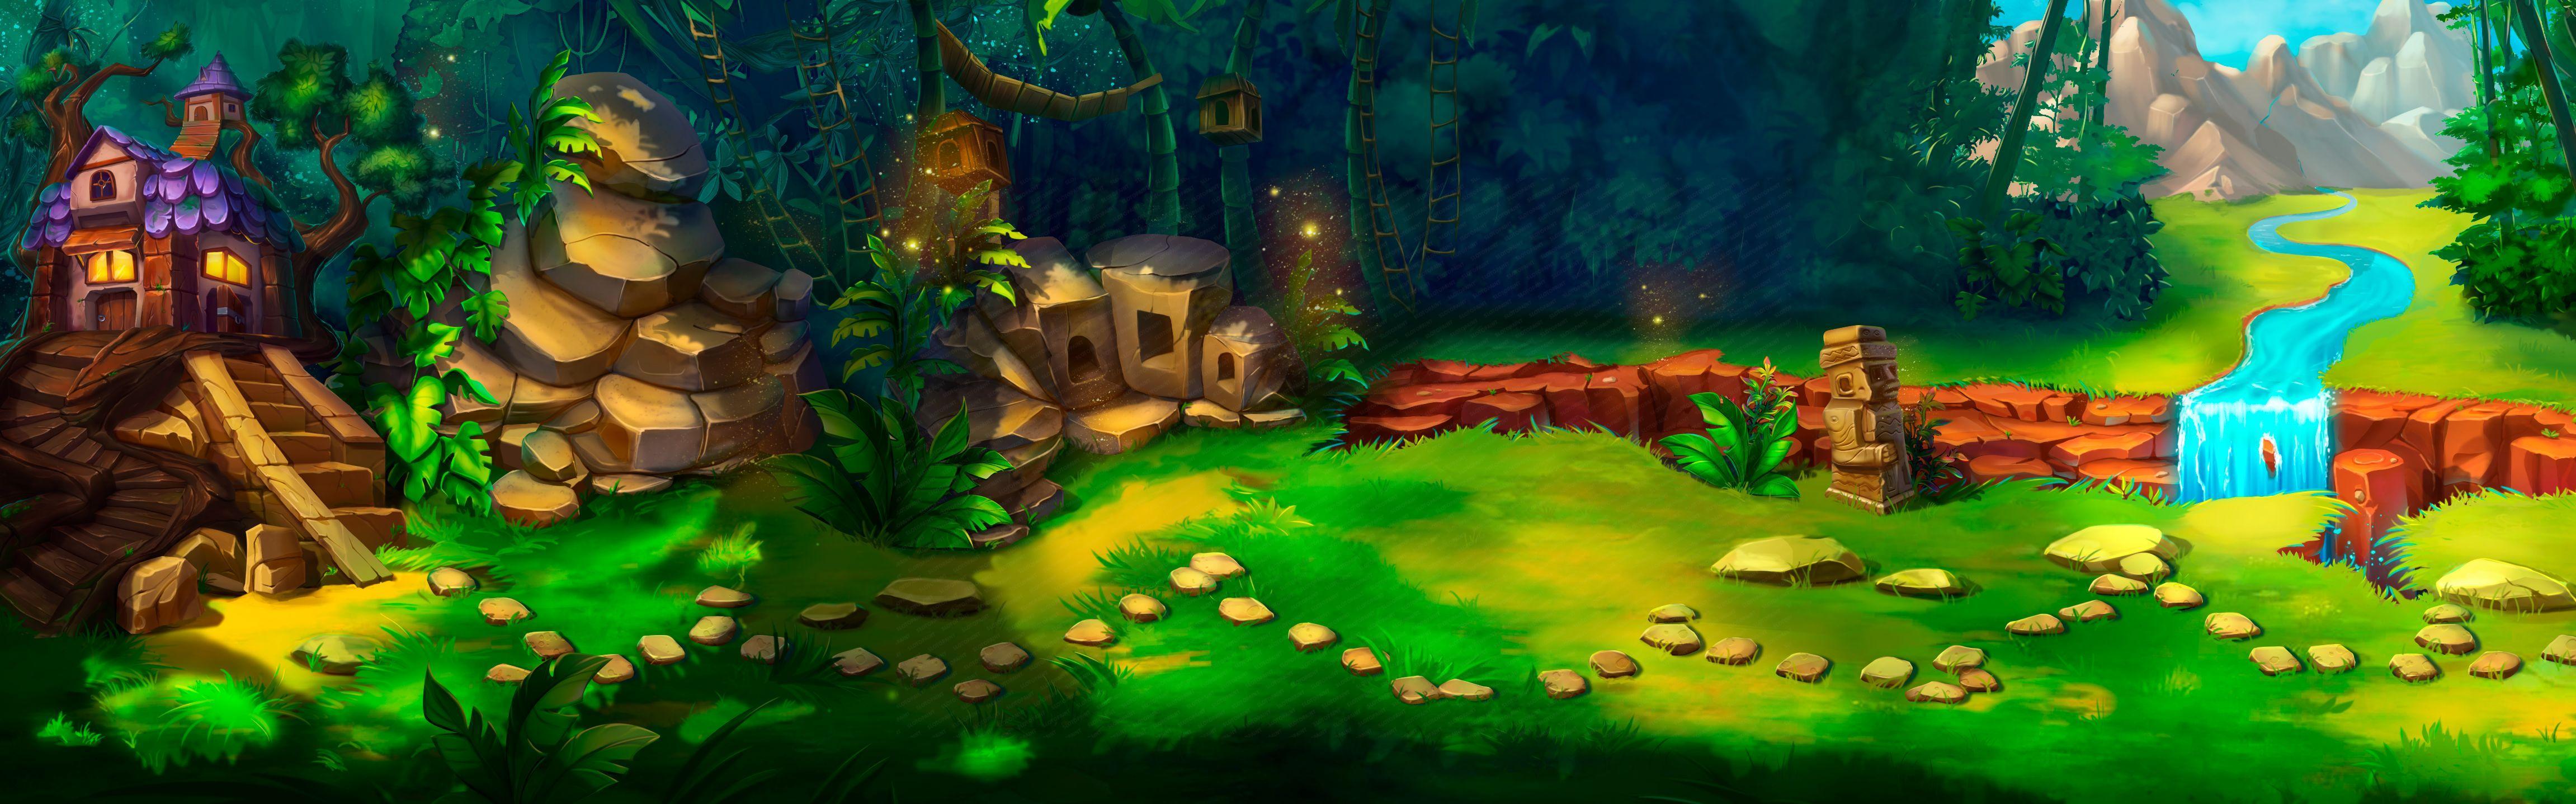 wildscreen_rainforest1